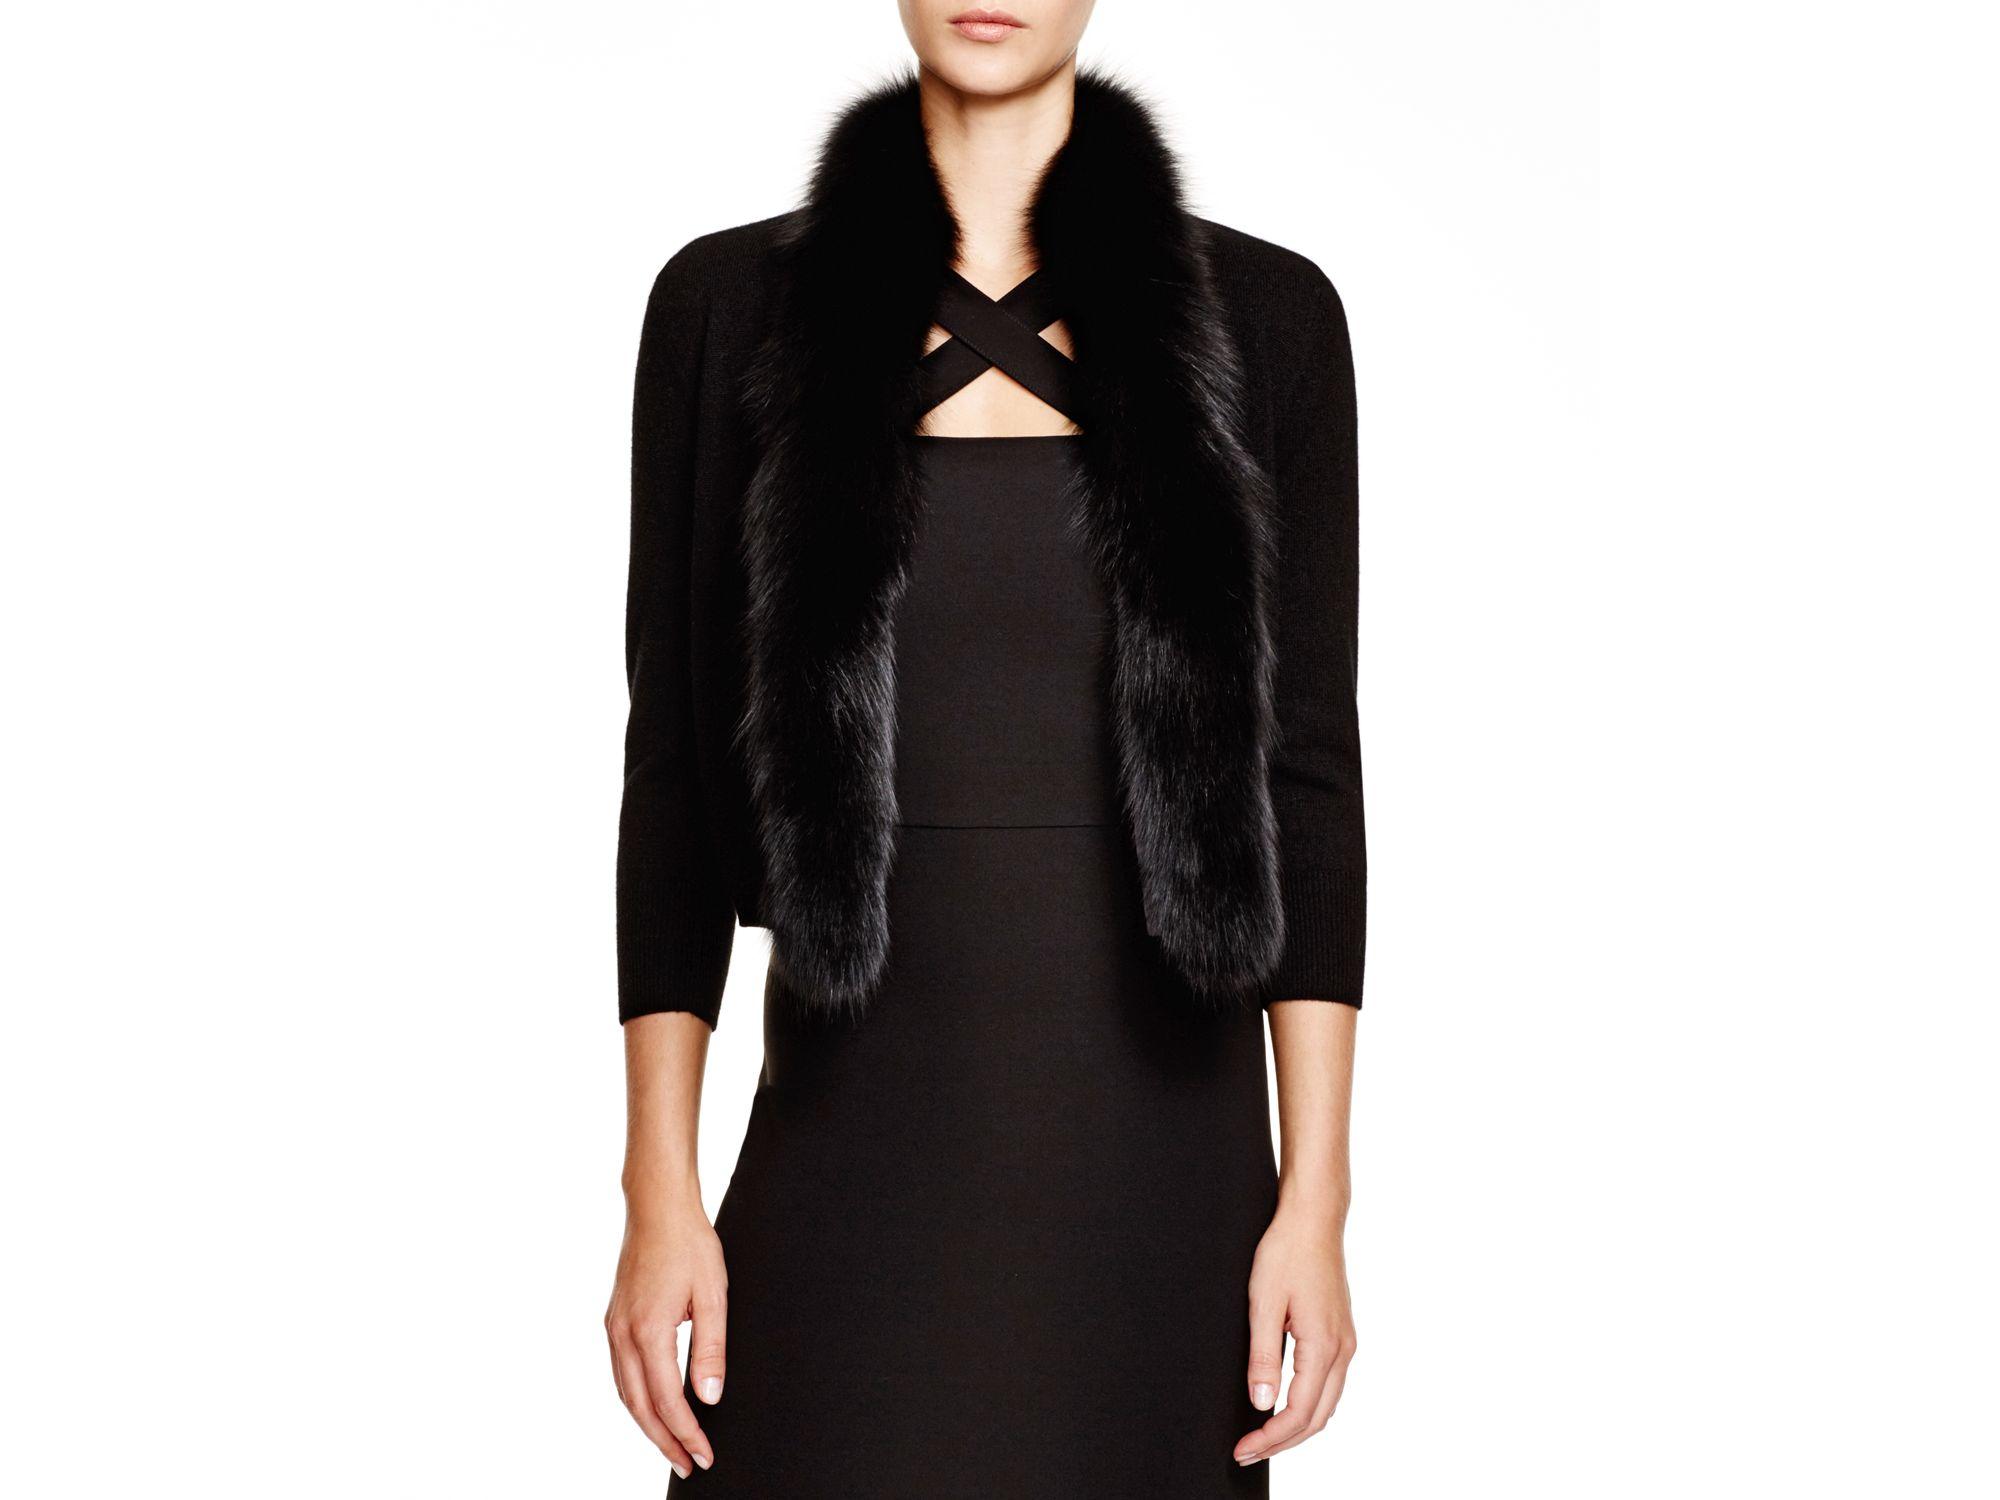 lyst c by bloomingdale\u0027s fox trimmed cashmere cardigan in black Strickjacke Hoodie Maenner Kleidung Strickjacke C 10_15 #17